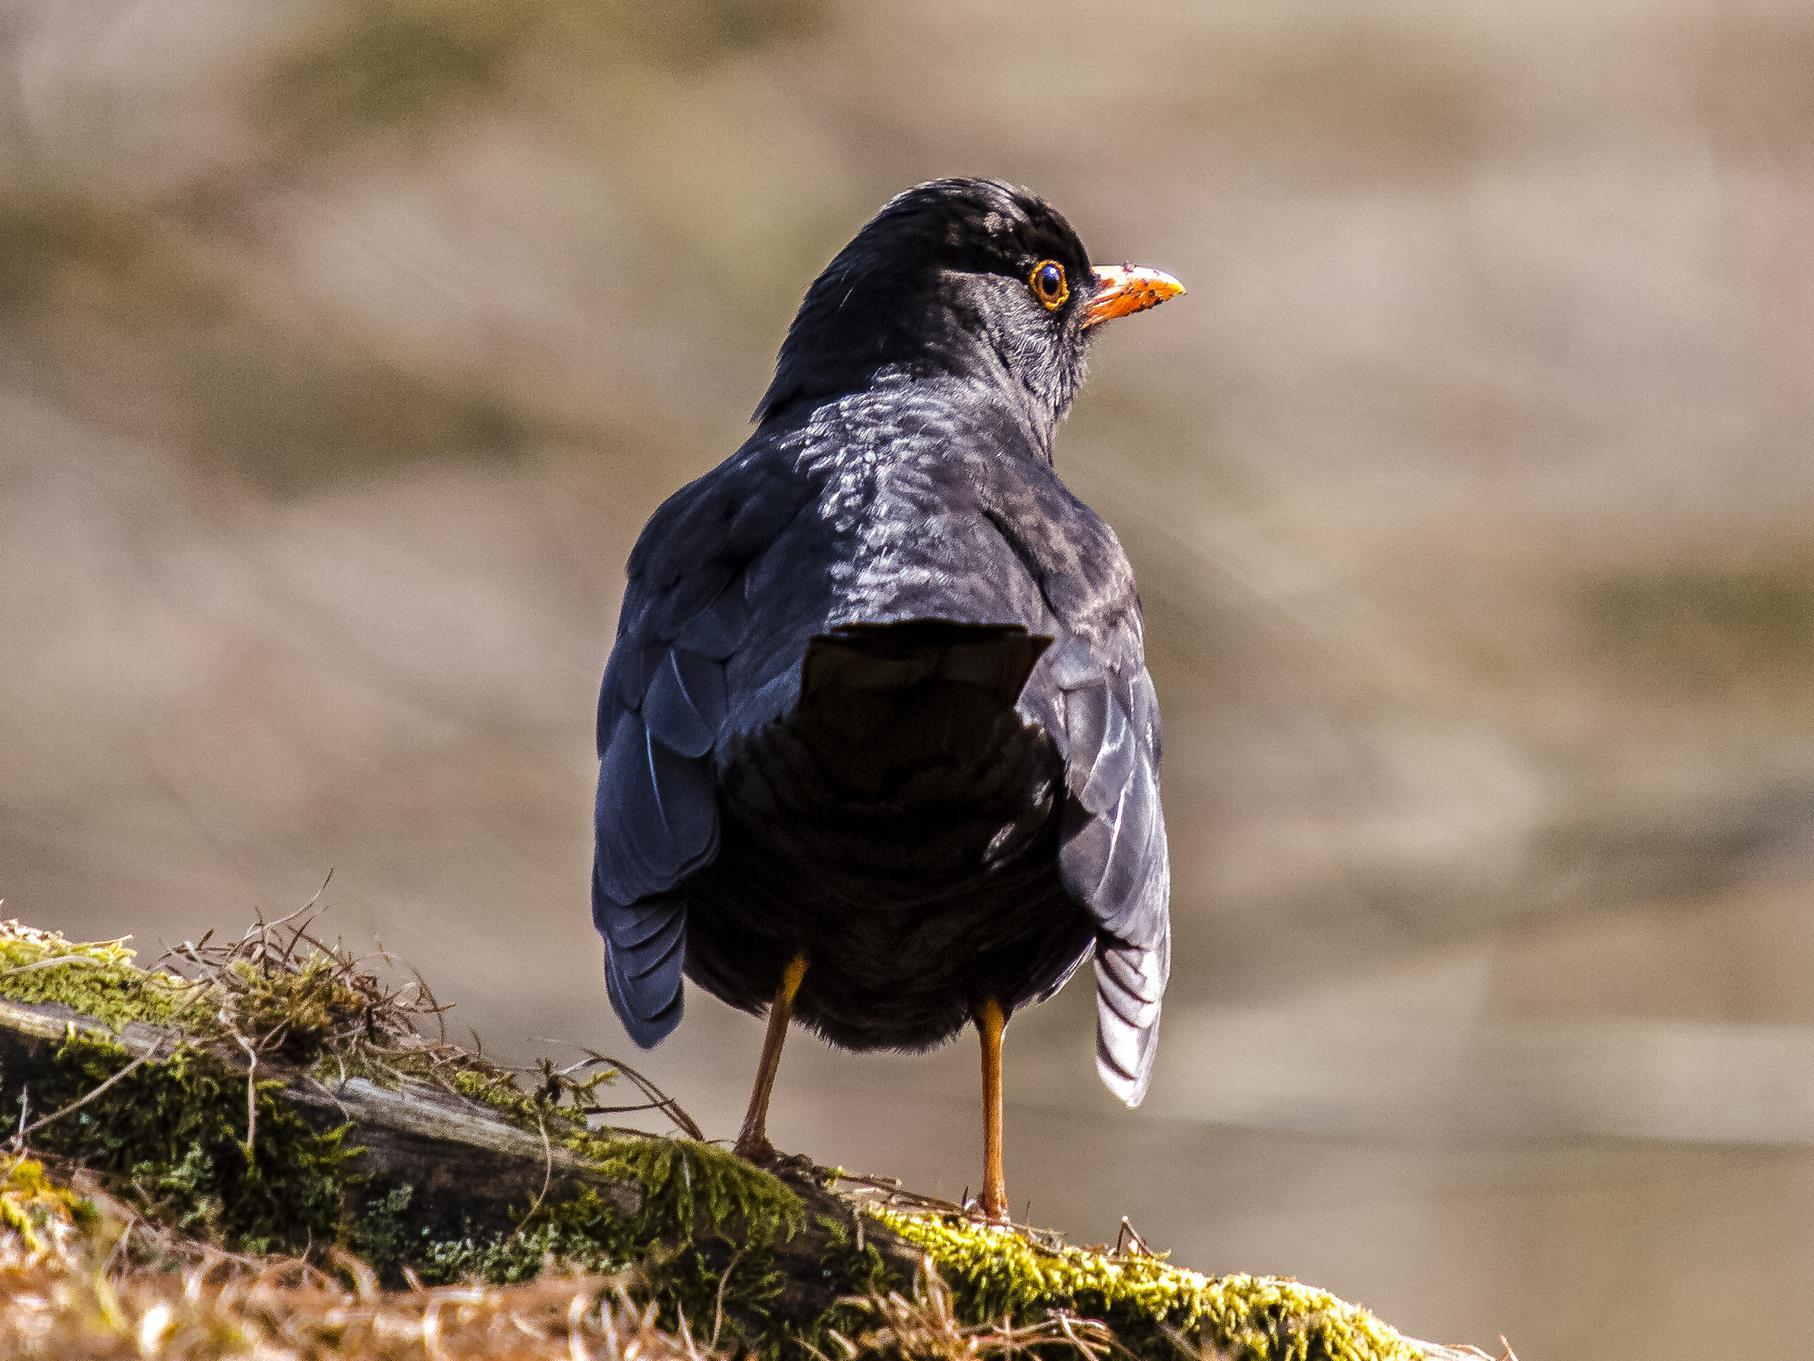 Neben vielen Wasservogelarten können auch zahlreiche Singvögel beobachtet werden, wie beispielsweise Amseln.